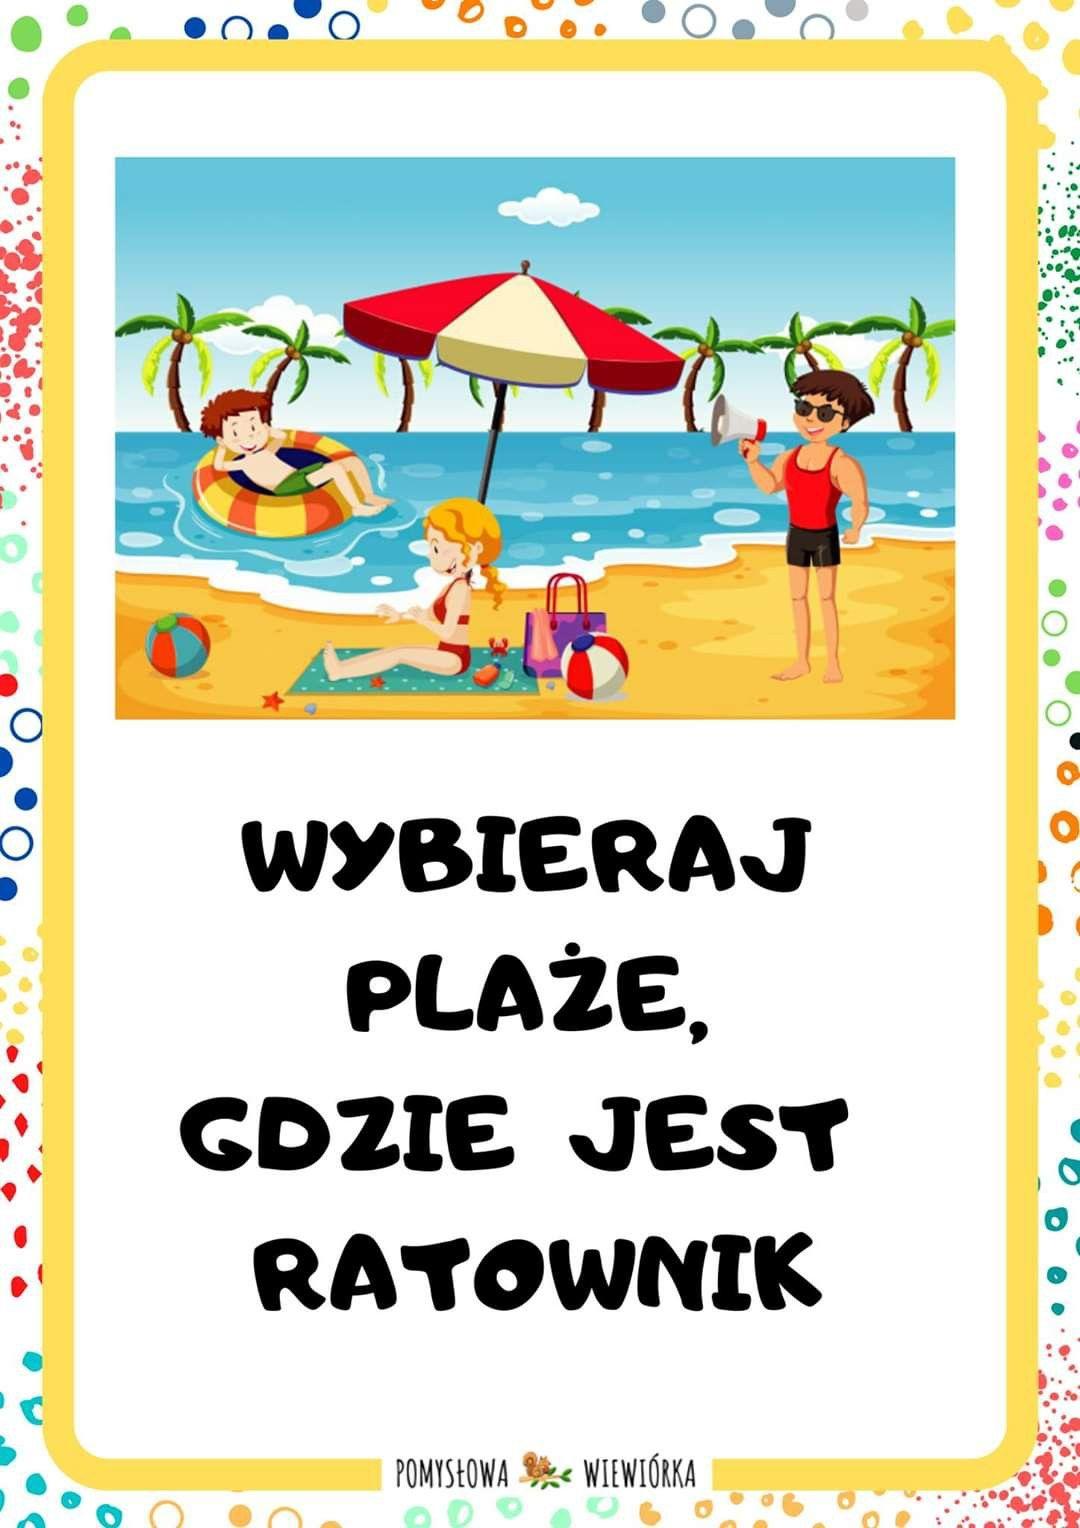 Pin By Grazyna Swiacka On Wakacyjne Porady In 2020 Education Comics